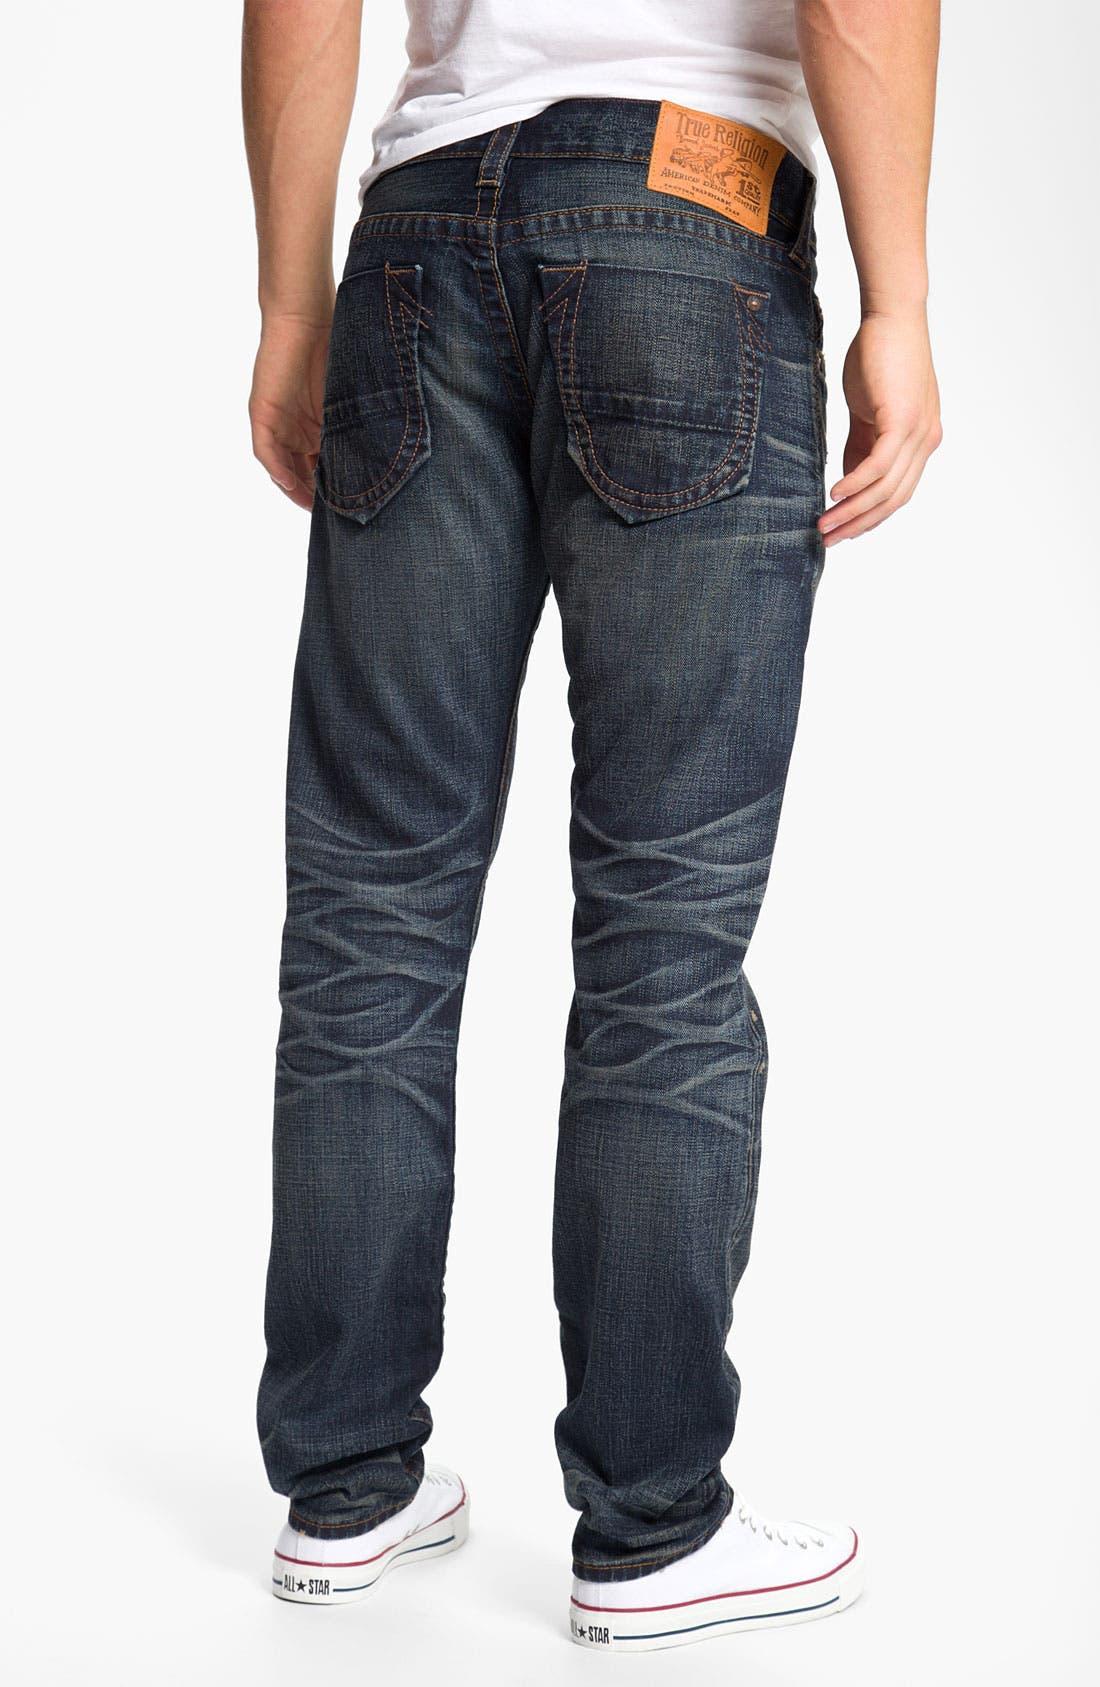 Alternate Image 1 Selected - True Religion Brand Jeans 'Geno' Slim Straight Leg Jeans (Snyper)